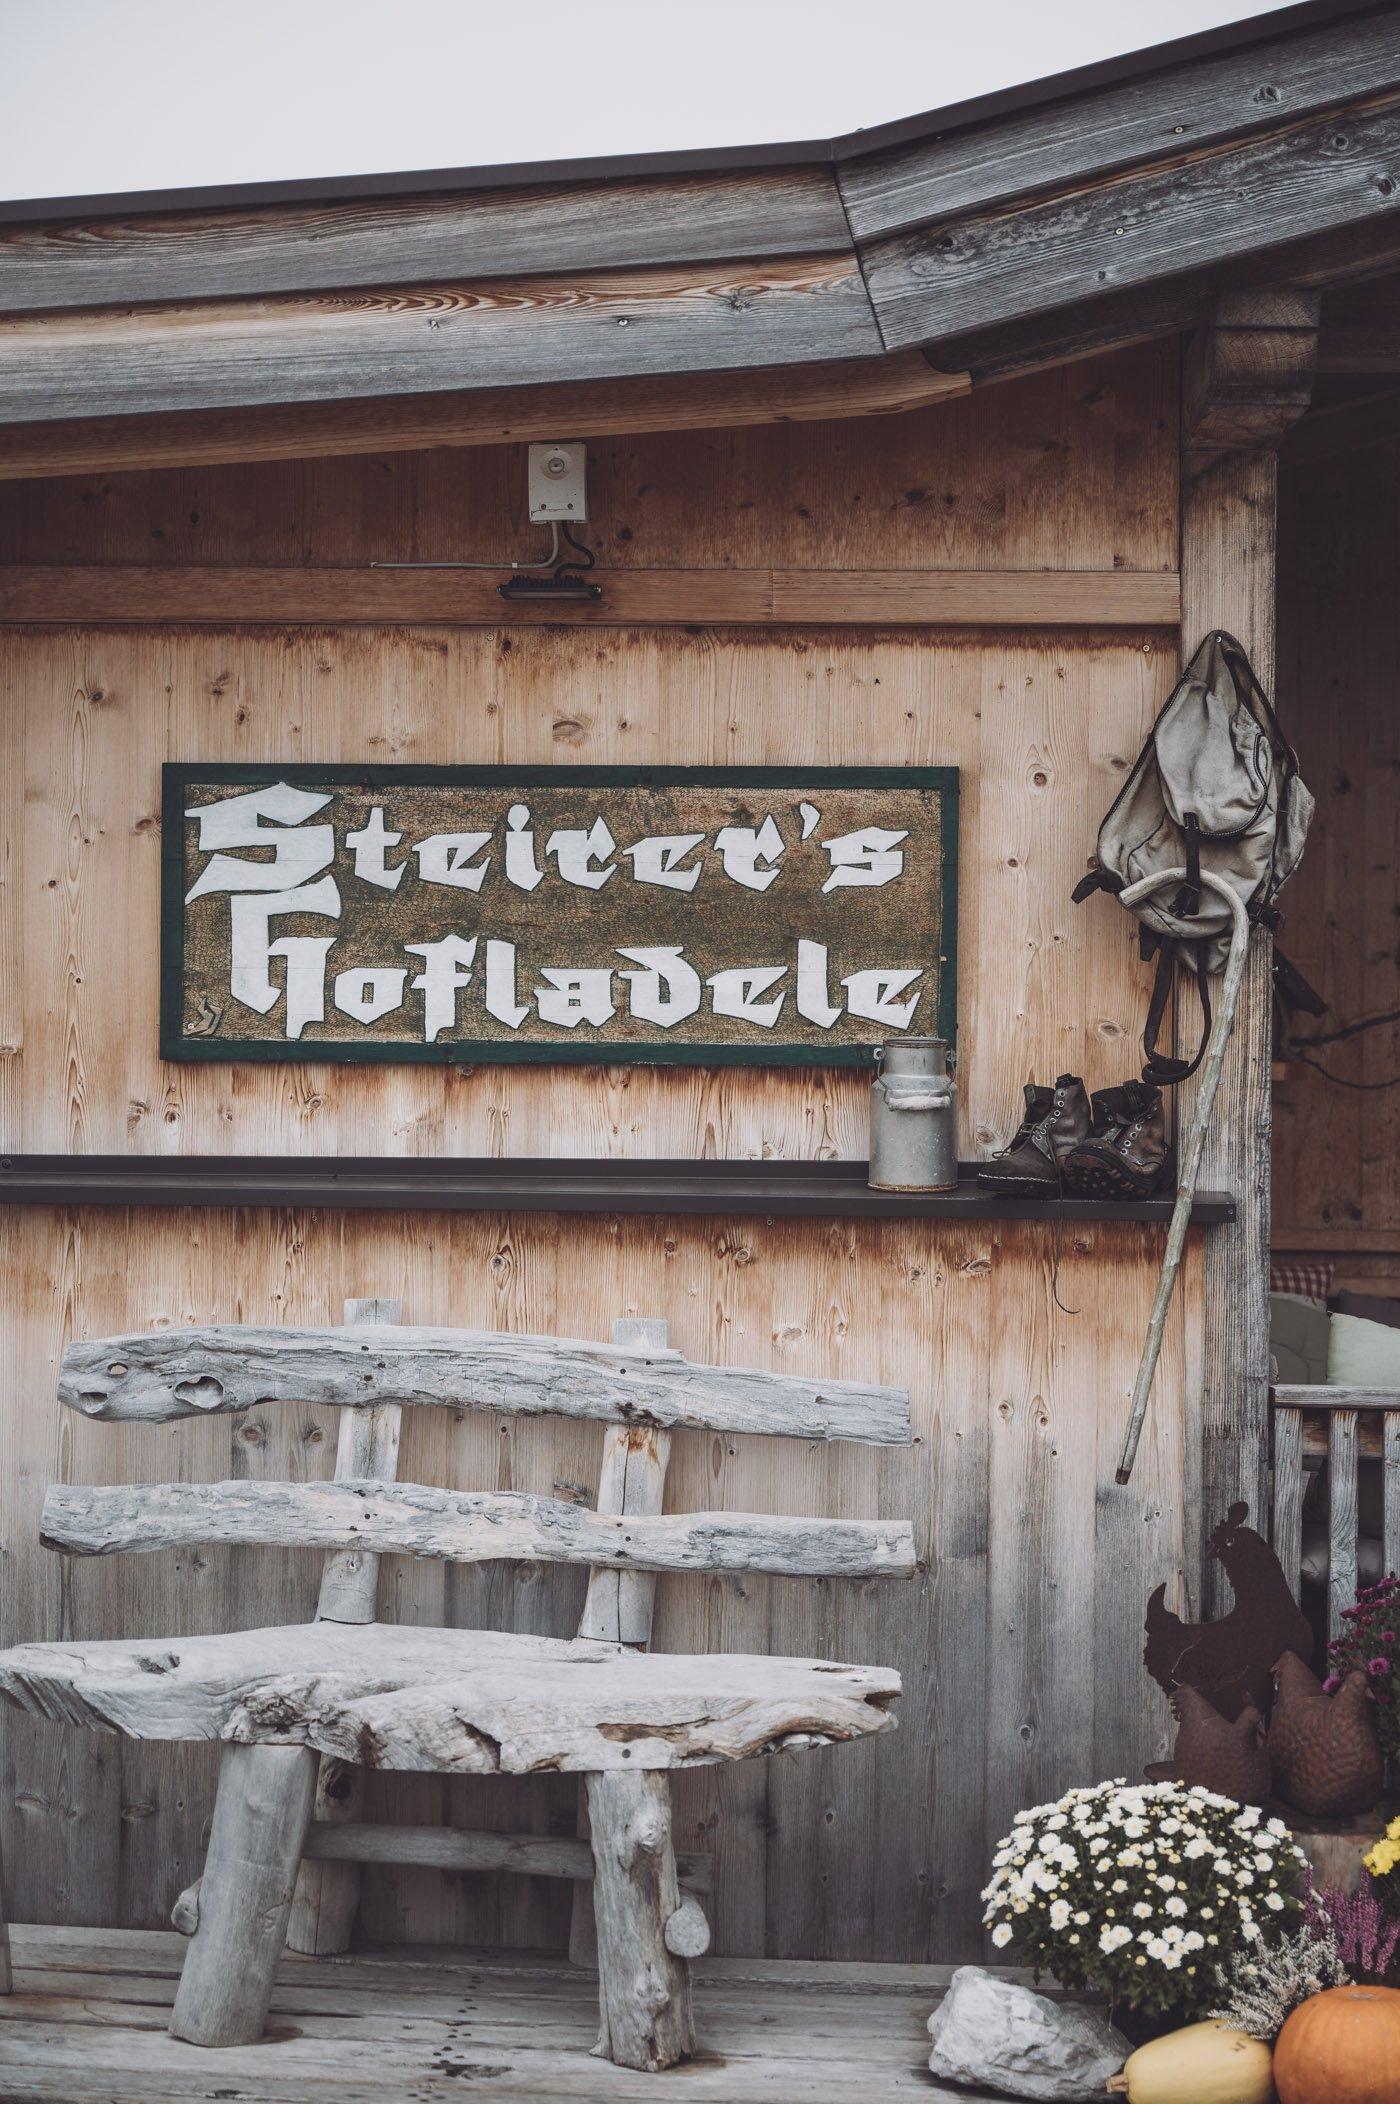 Steirers Hofladen